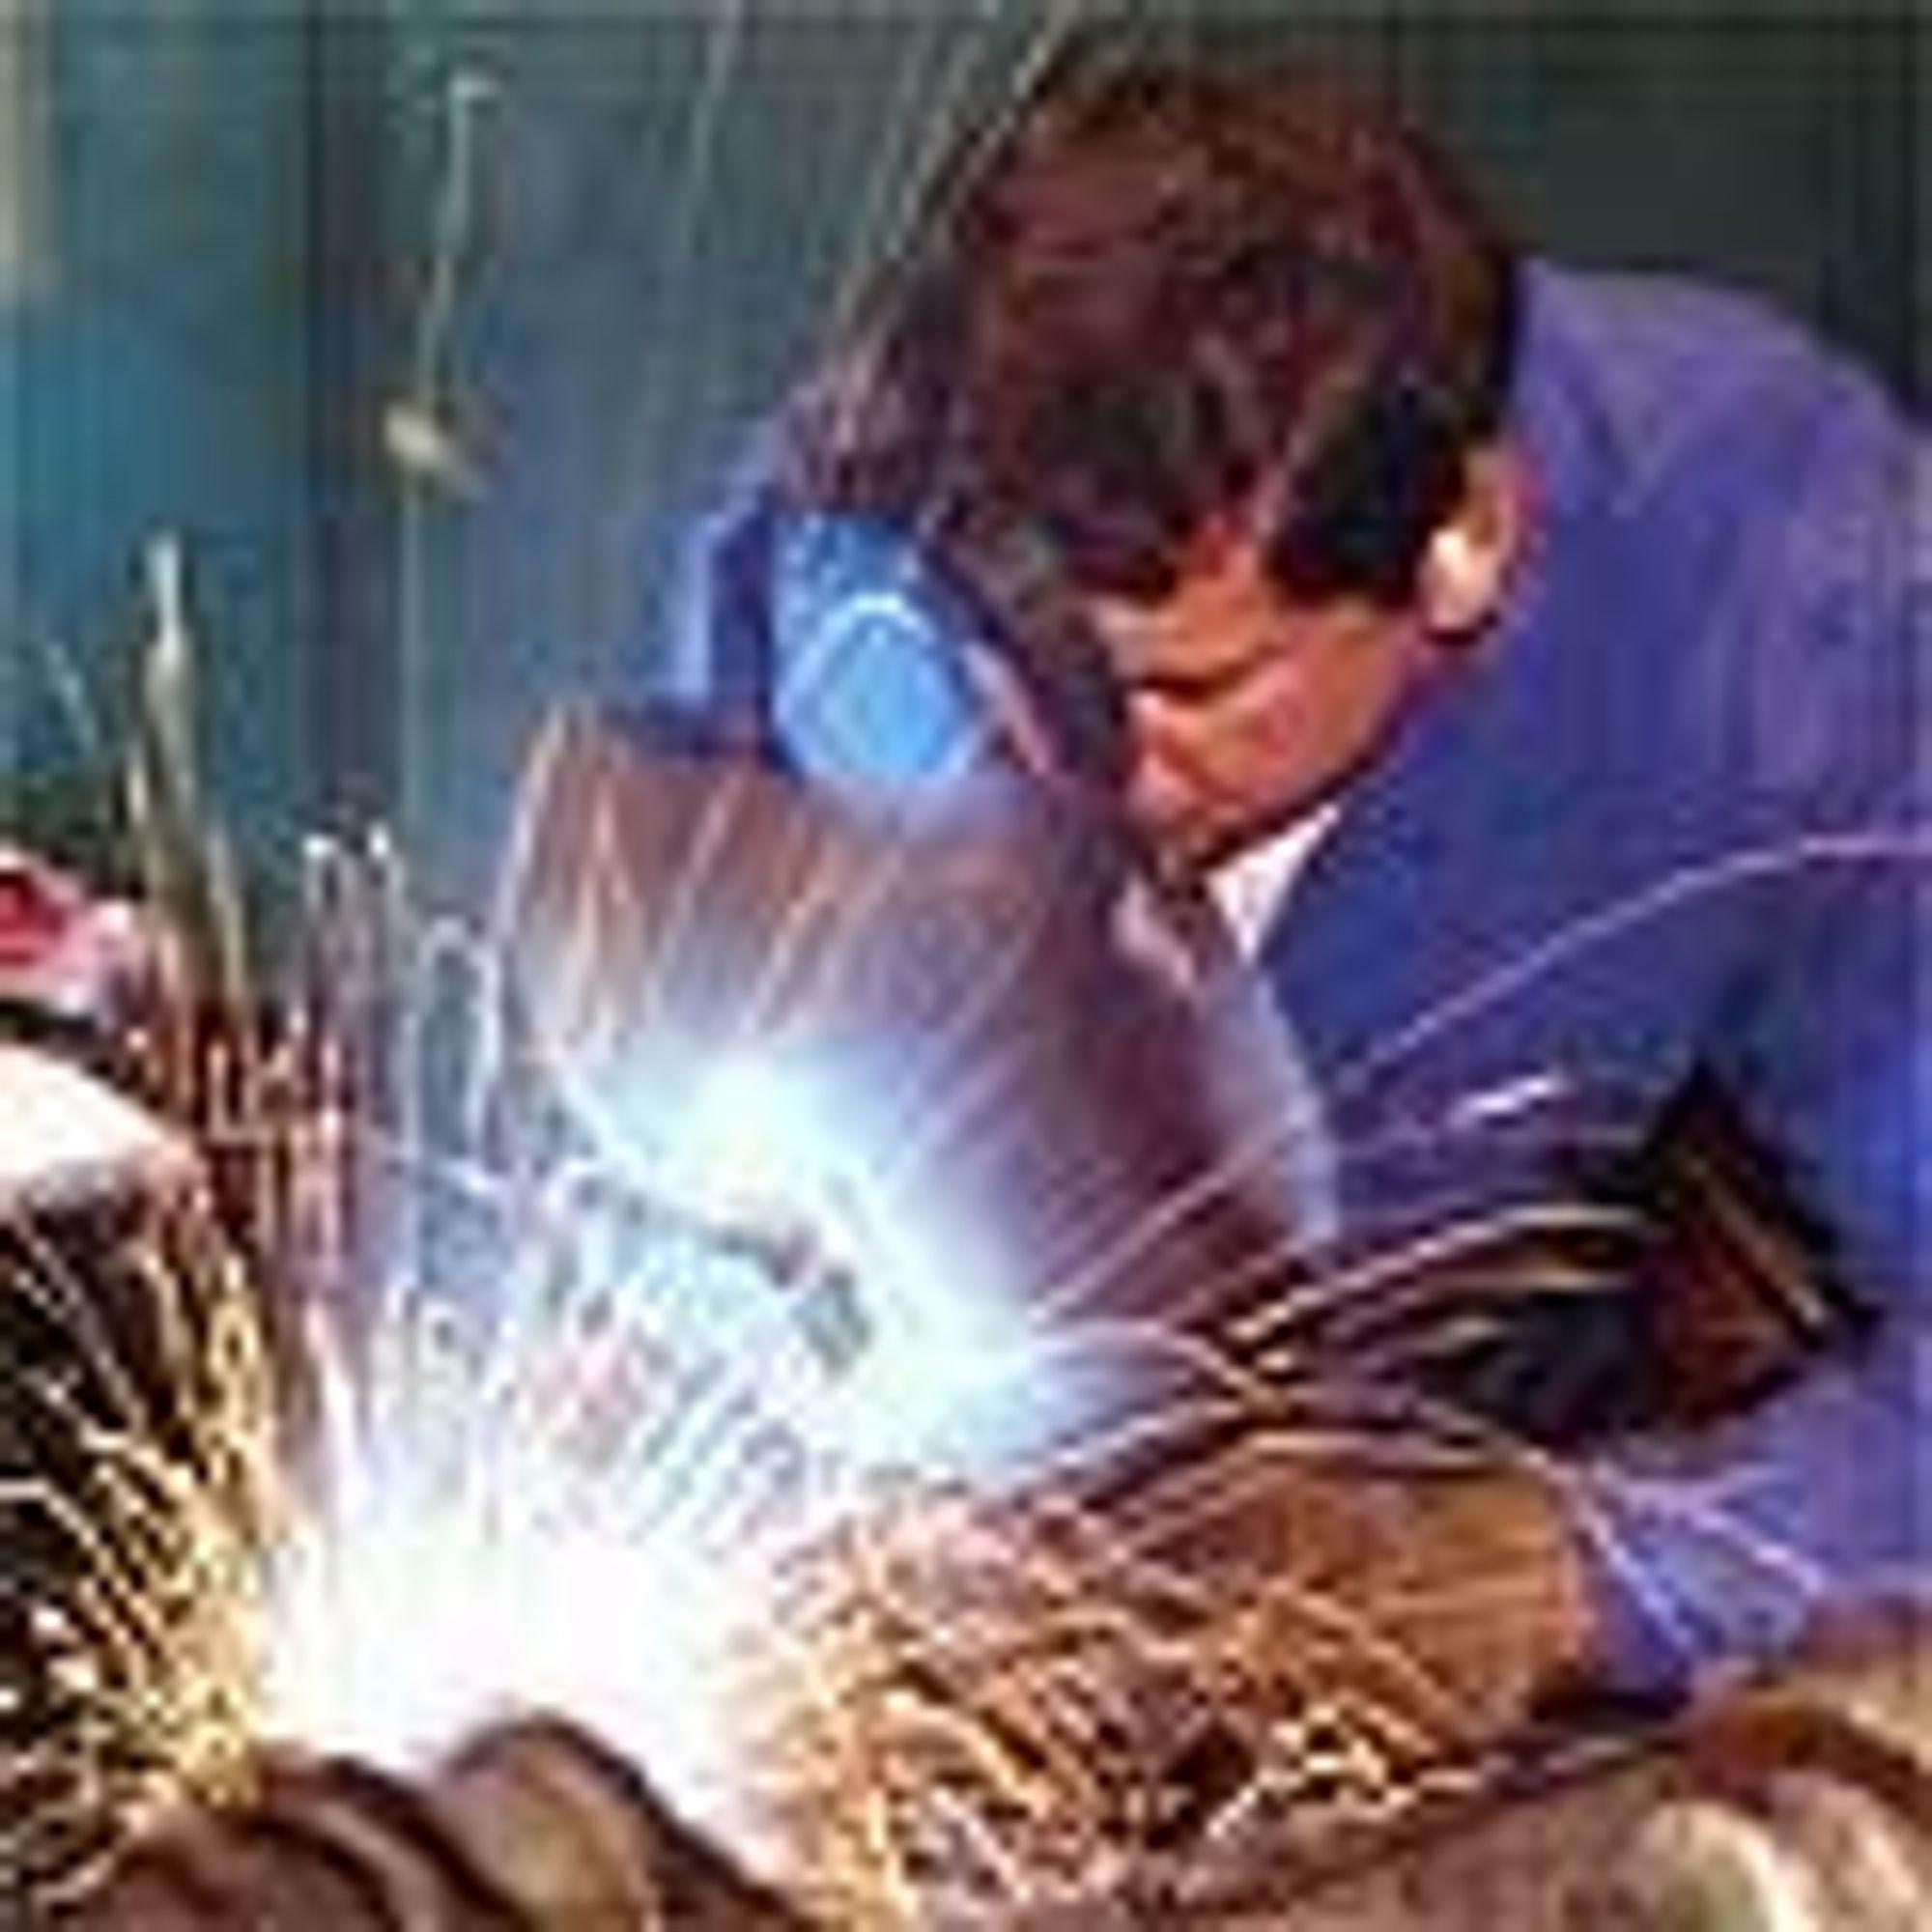 Eksportindustrien kan glede seg over framgang i 2003. Spesielt prosessindustrien så lys i tunnelen.